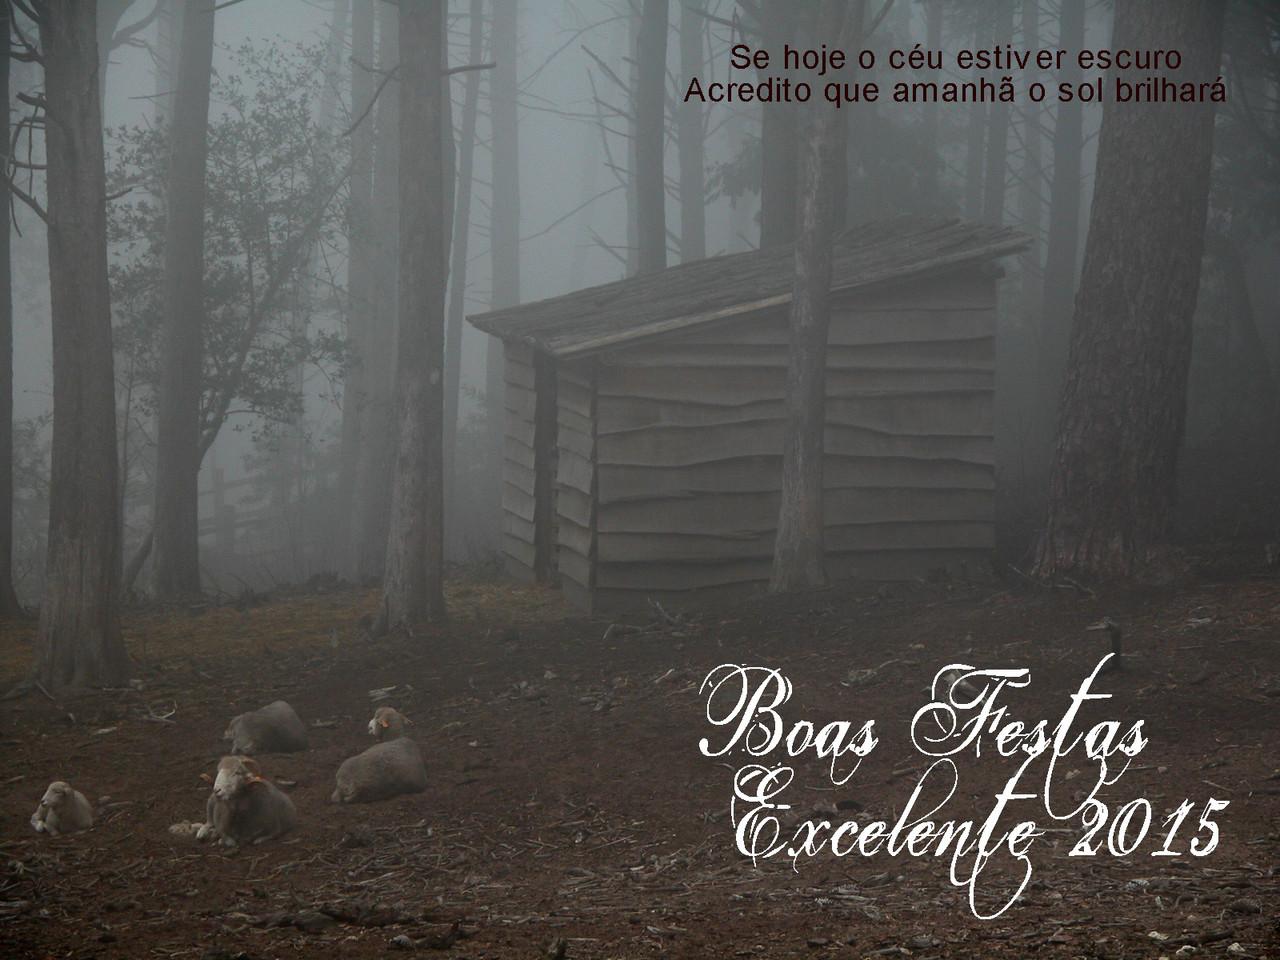 BoasFestas2014e15Estupefacto.jpg